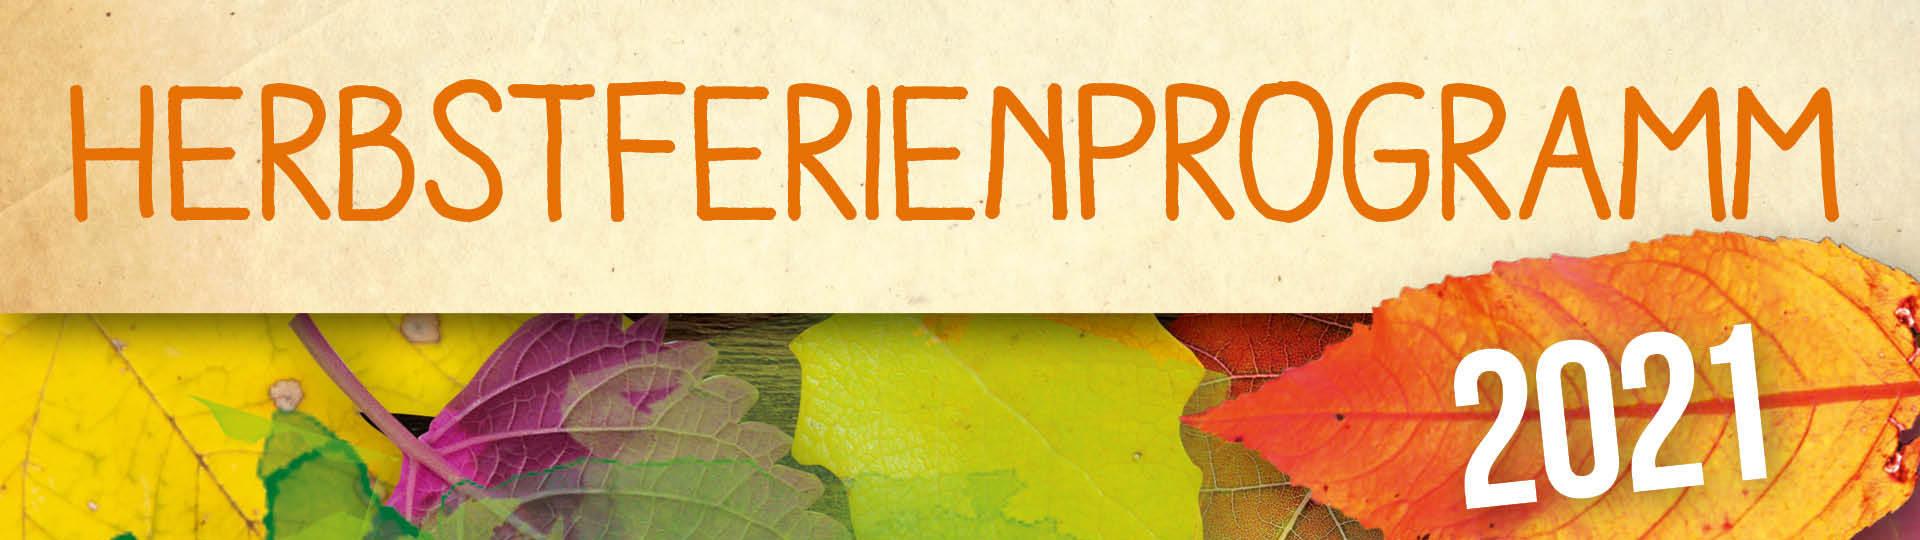 Headerbild für das Herbstferienprogramm der Naturschutzstation